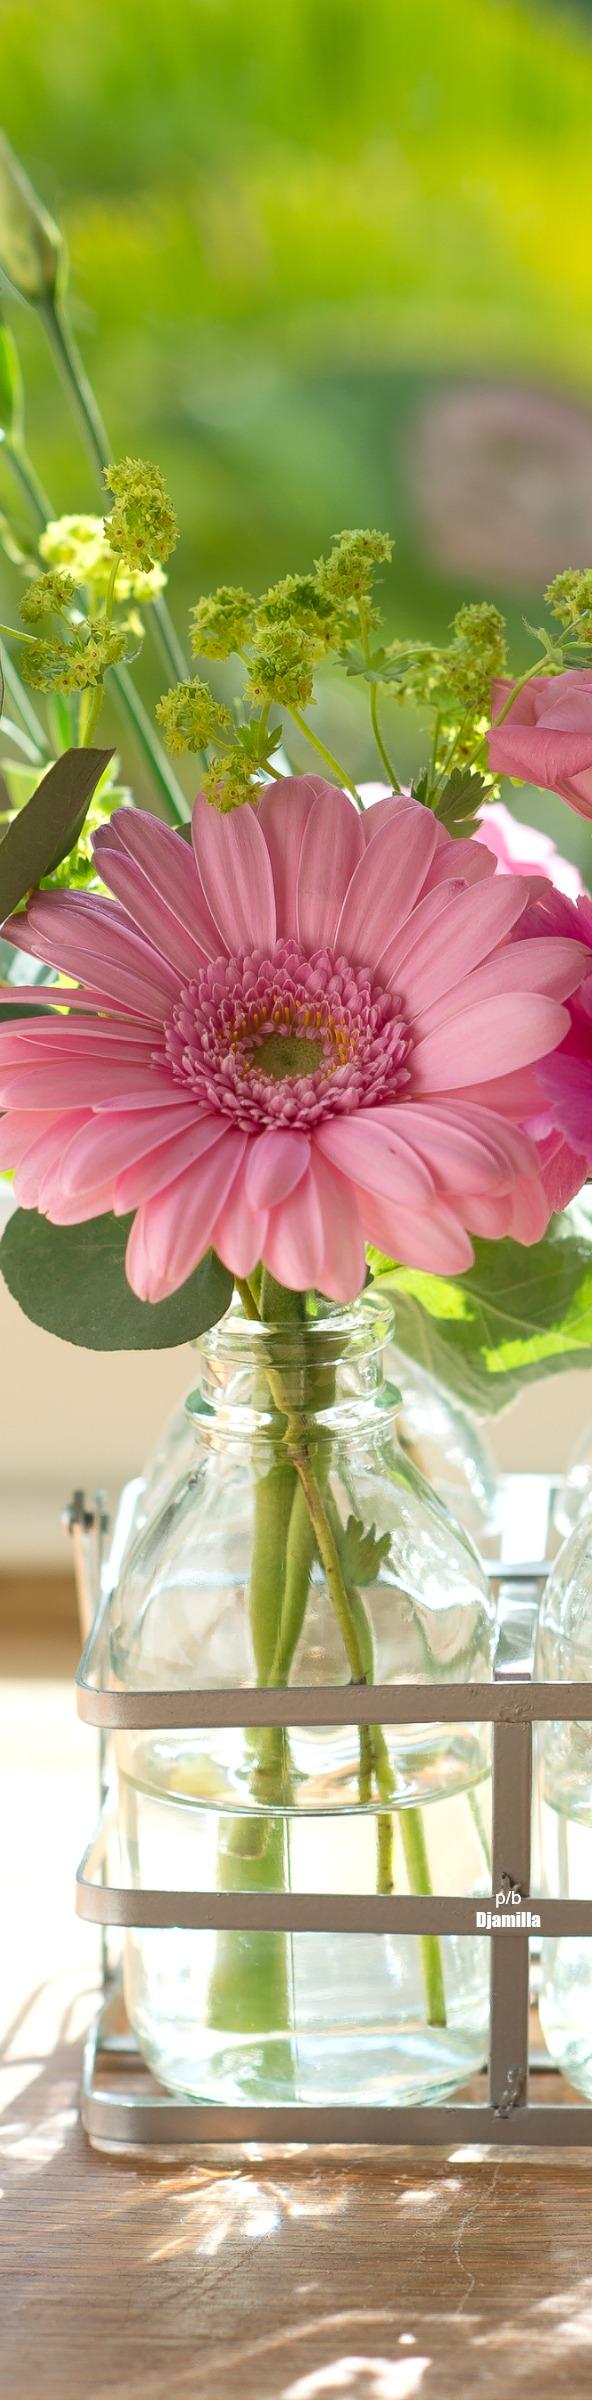 Spring Flowers The Art Of Loveliness In 2018 Pinterest Flowers